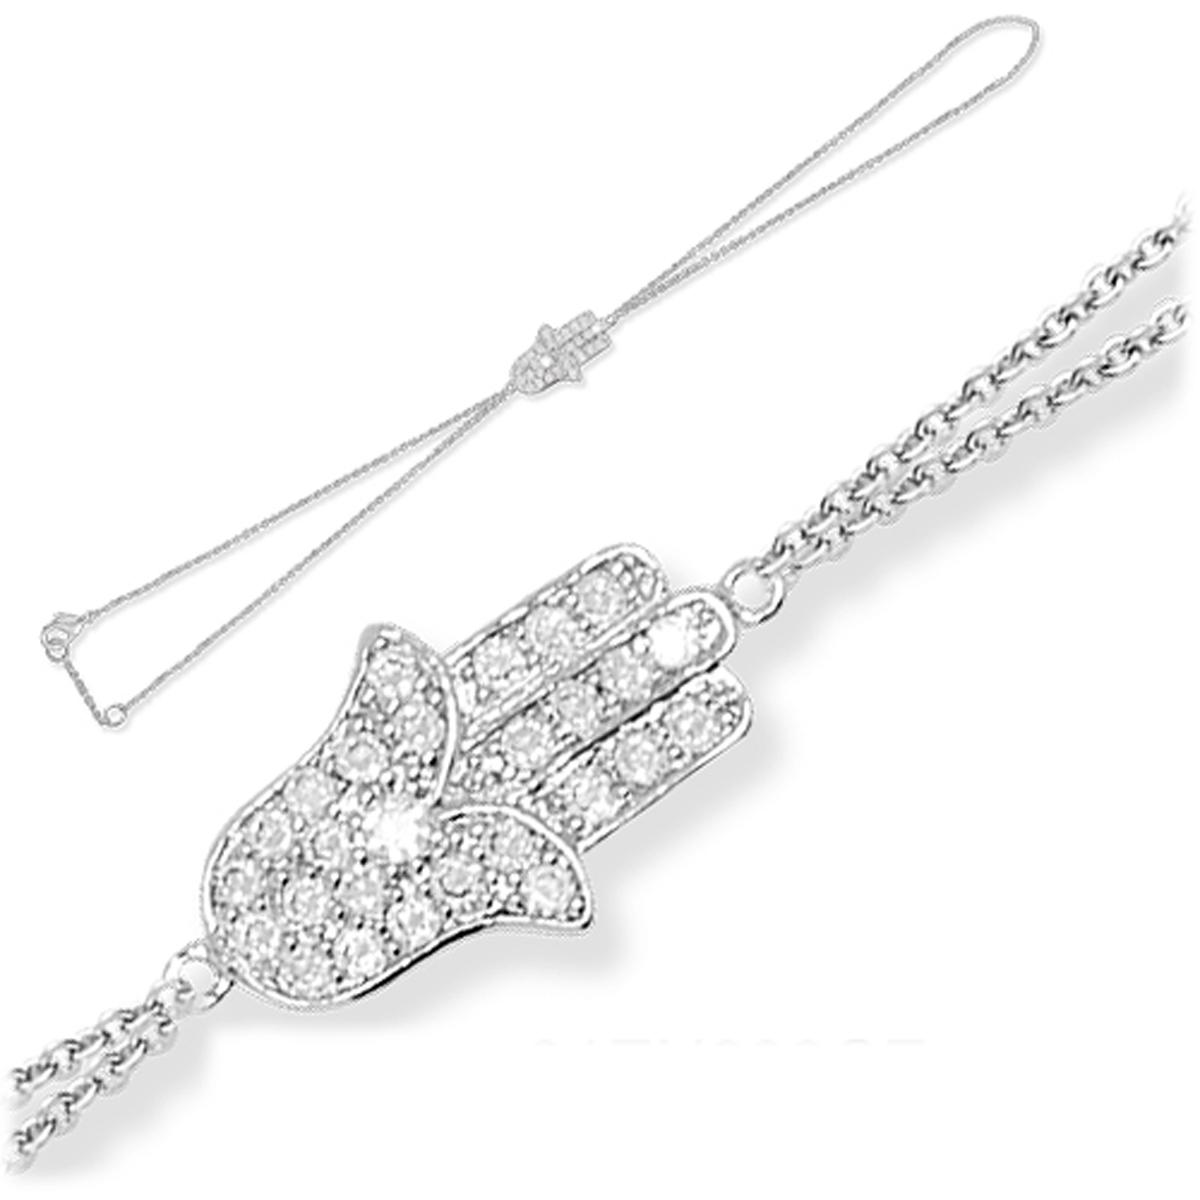 Bracelet bague argent \'Fatma\' blanc argenté (rhodié) - 17x10 mm - [J8636]